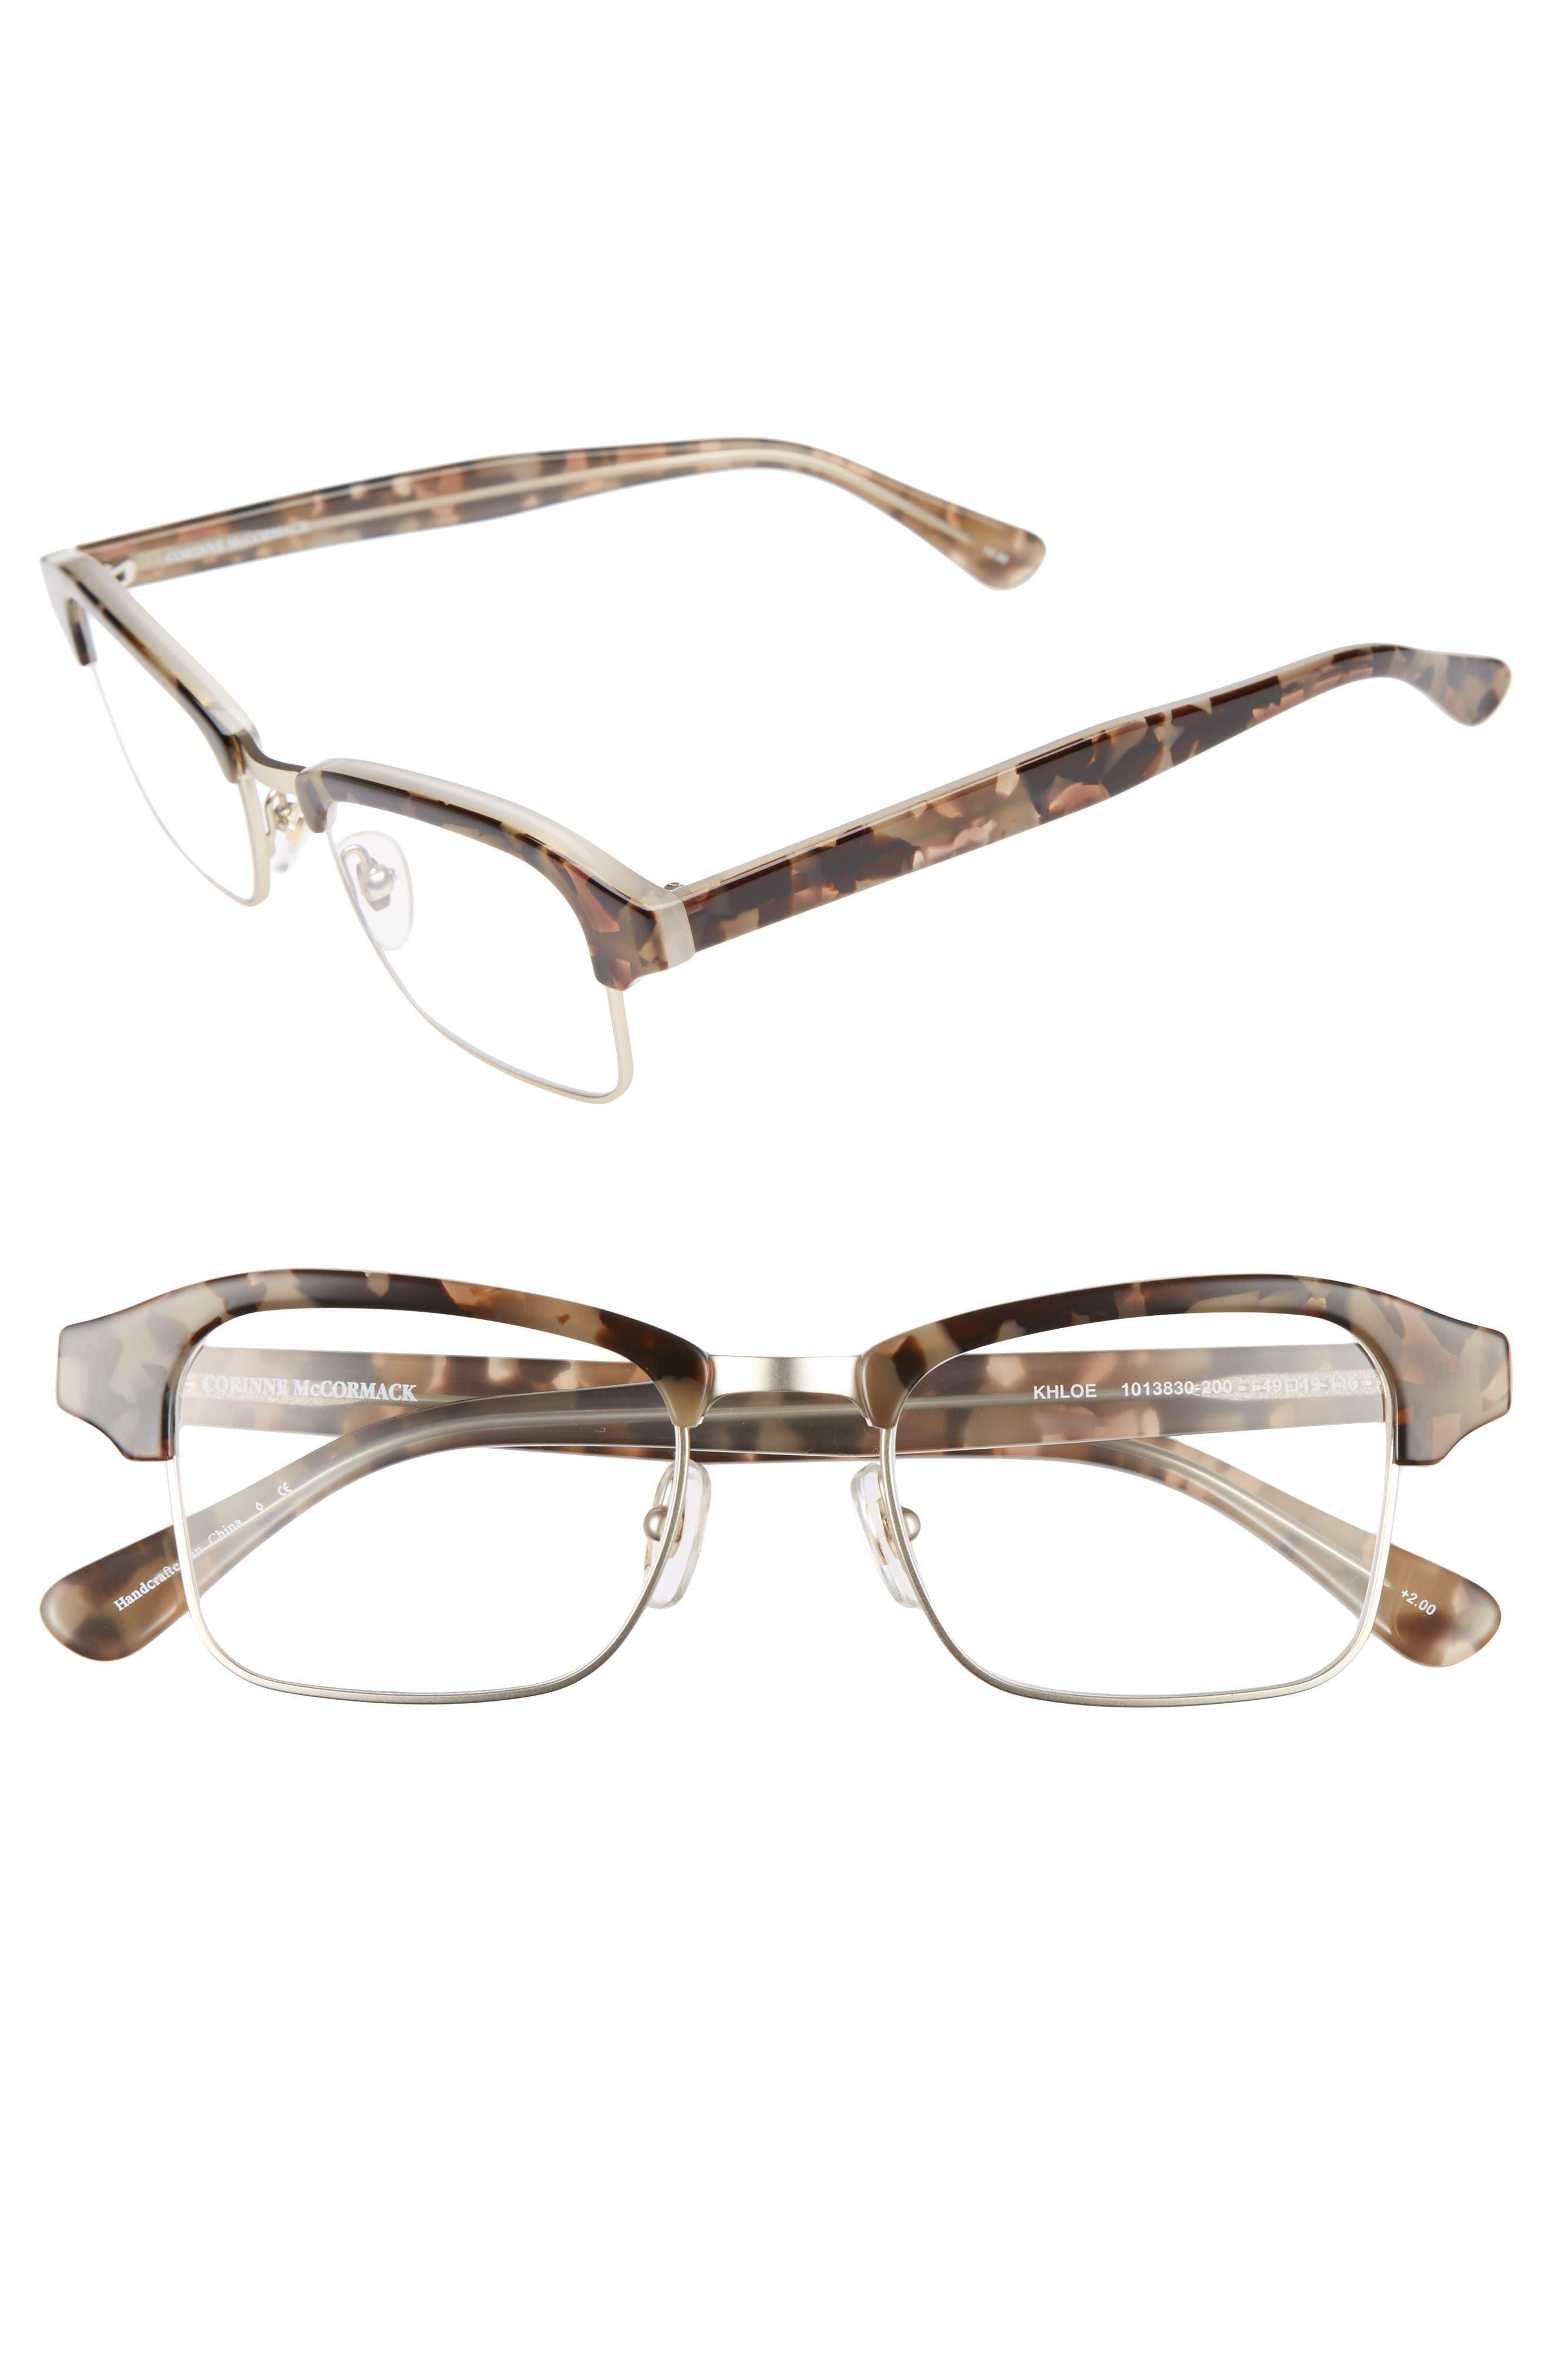 Corinne McCormack Khloe 49mm Reading Glasses